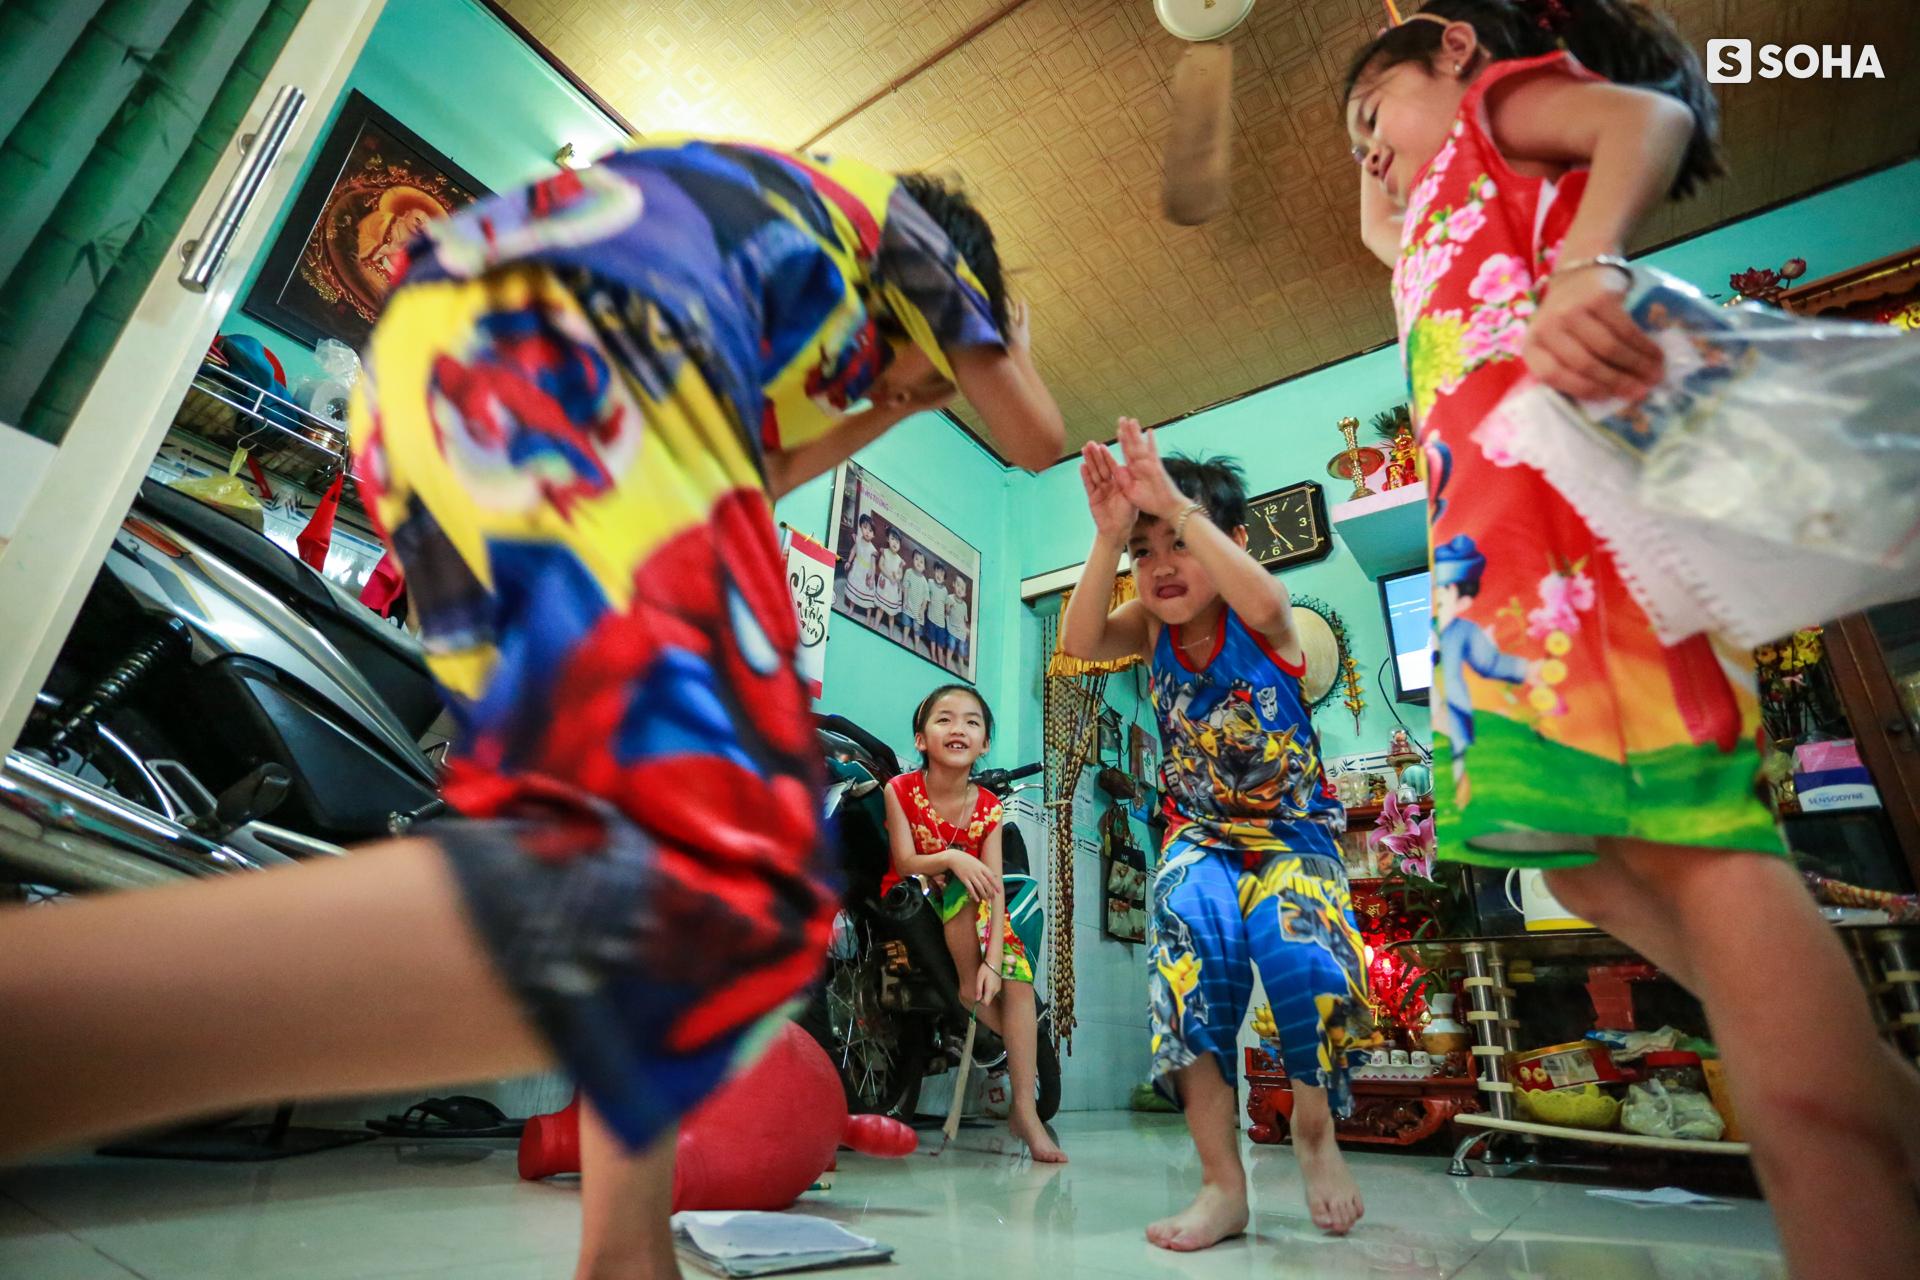 Gia đình sinh 5 đầu tiên ở Việt Nam quay cuồng với dịch COVID-19, nhưng luôn ngập tiếng cười - Ảnh 2.